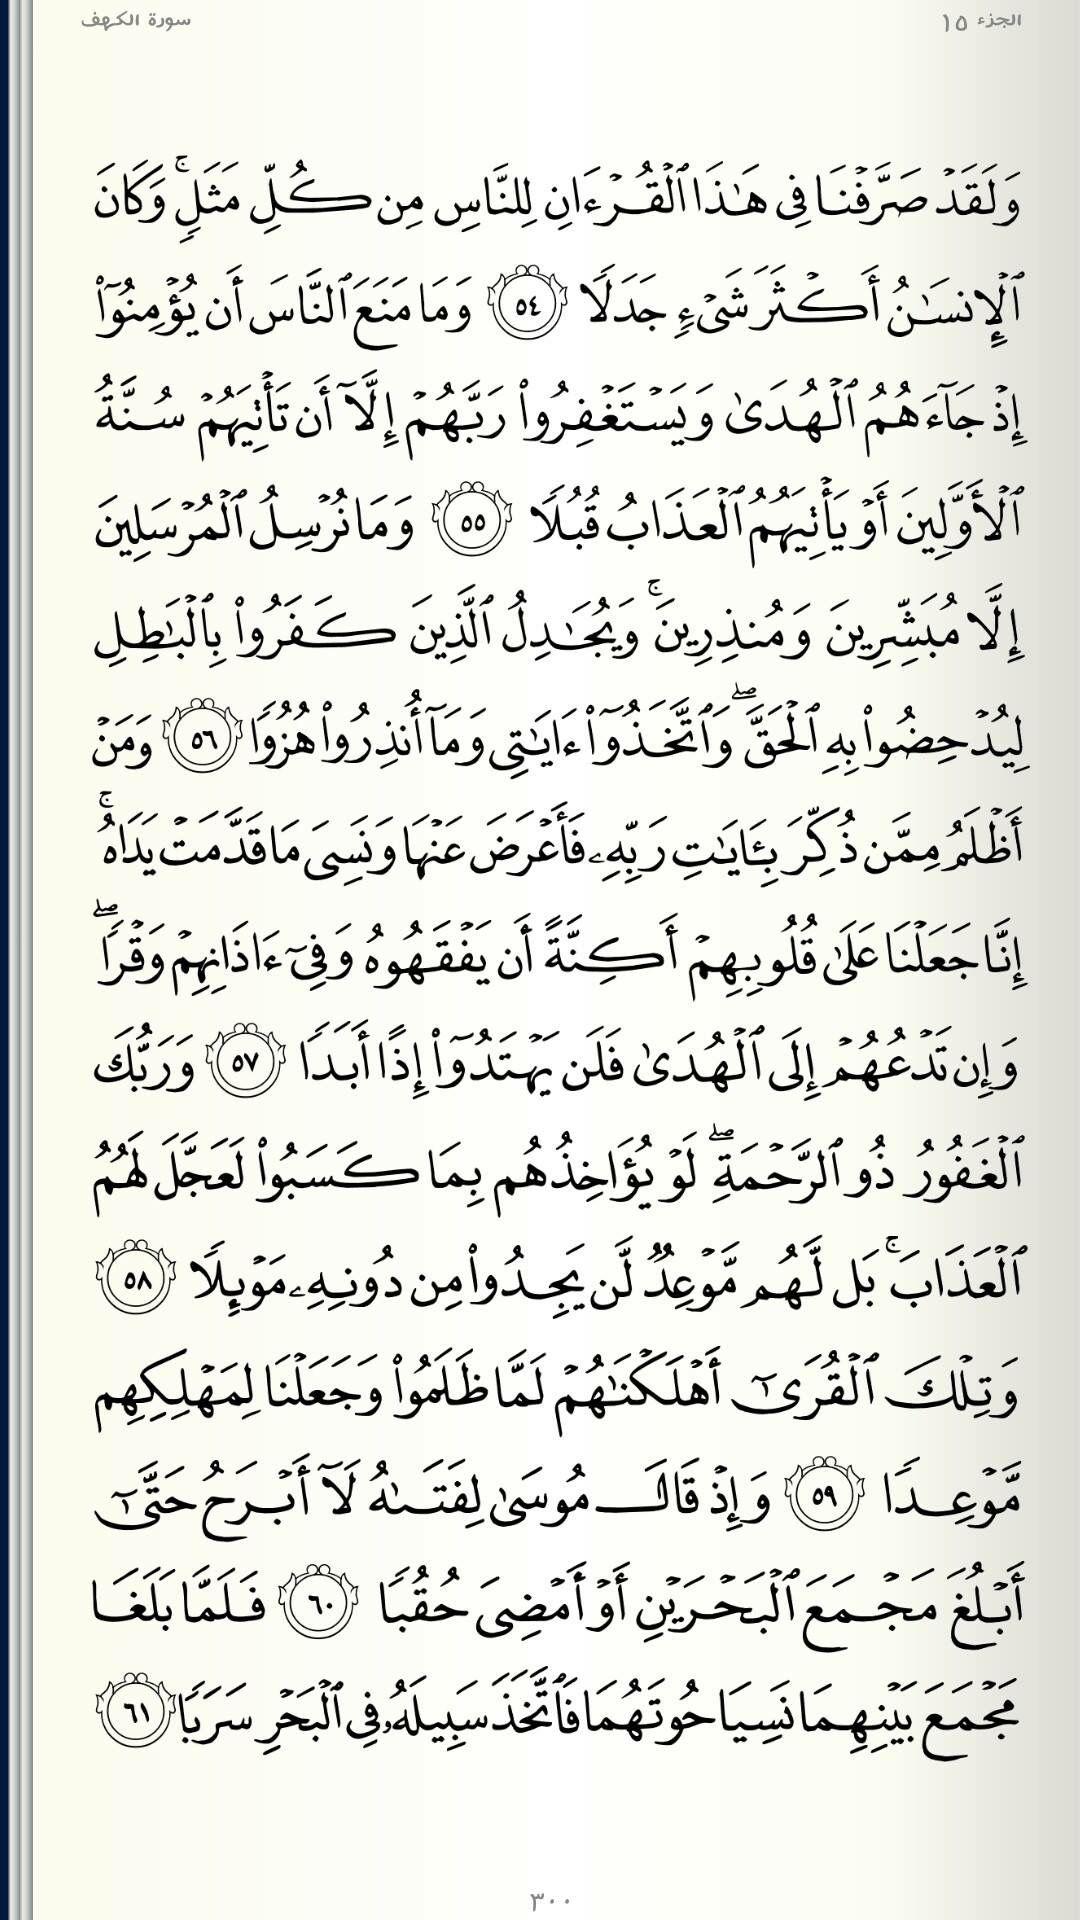 أحدث خلفيات اسلامية للموبايل Islamic Wallpapers 2021 Quran Wallpaper Quran Quran Book